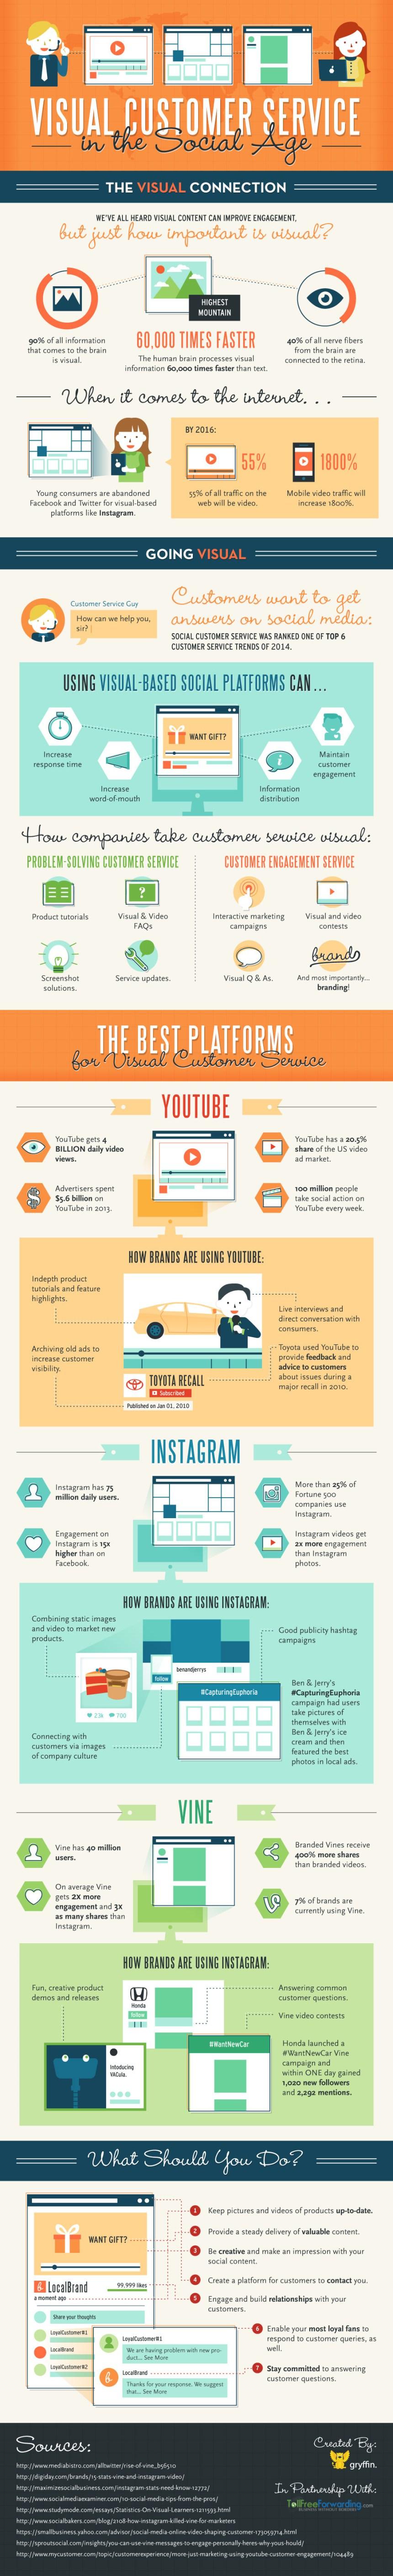 infografia-atencion-al-cliente-visual-en-la-era-social